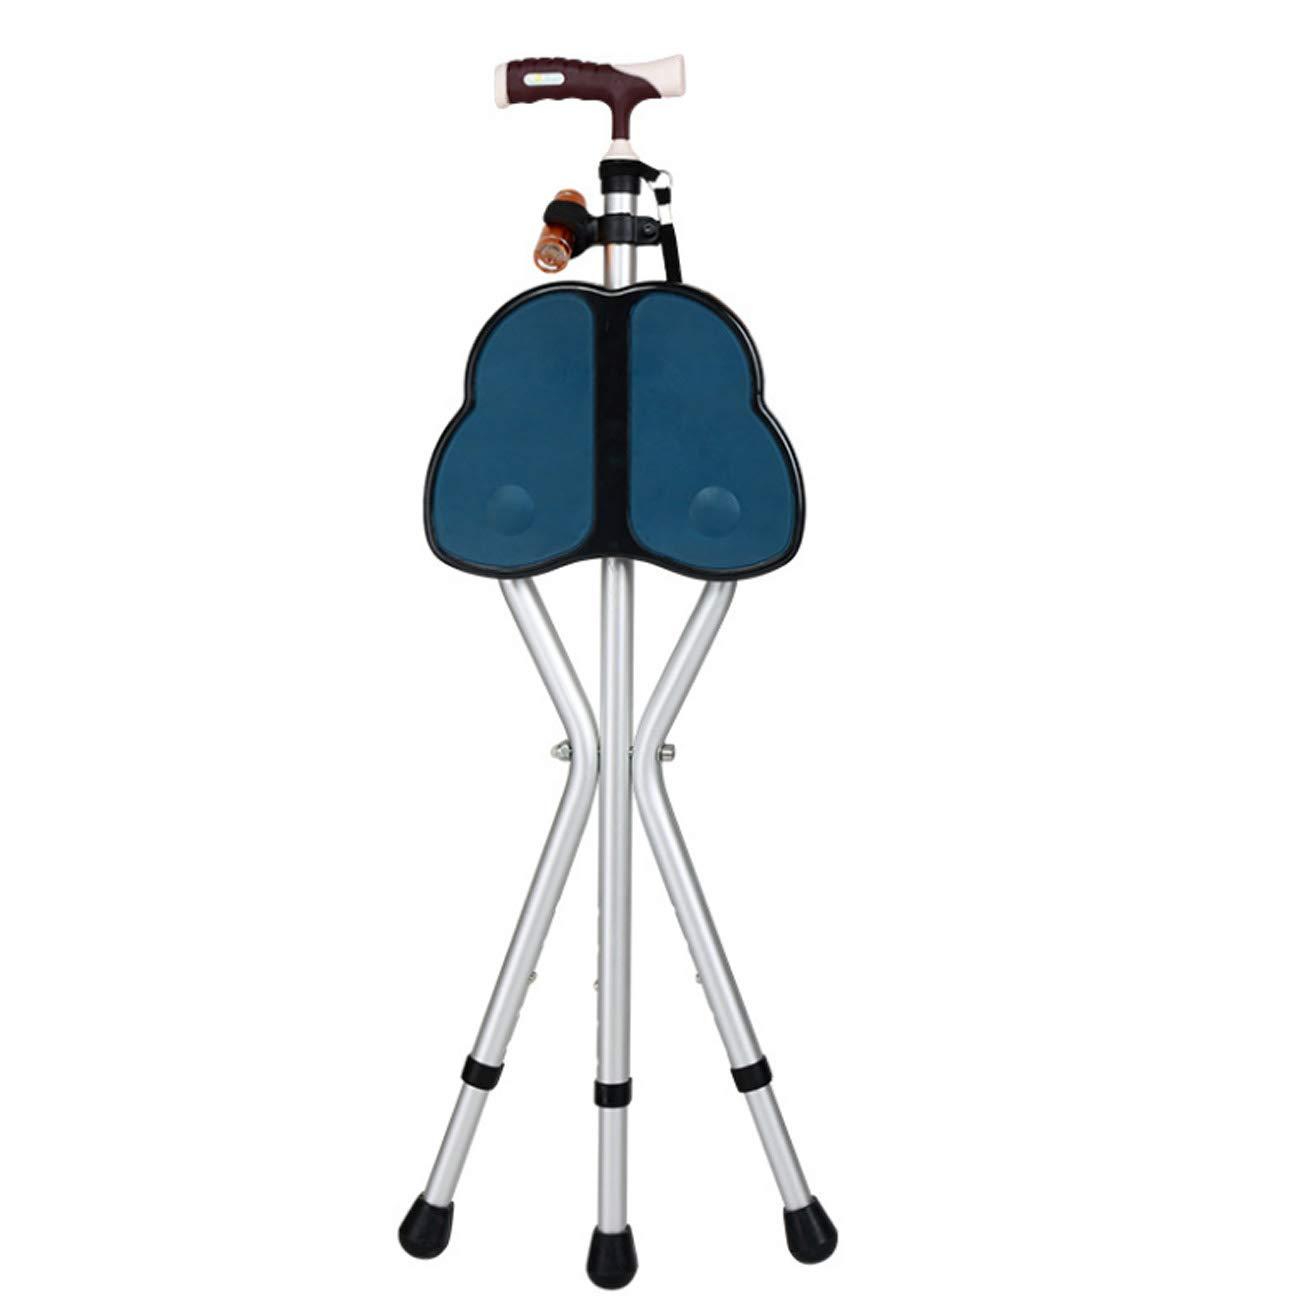 ずっと気になってた 高齢者の歩行スティックスツール、折りたたみ三脚スツールチェアマッサージシートで杖を歩く、関節炎の高齢者の障害者と高齢者 青 B07G61123L A|青 A 青 A A|青, マドンナ:8efdf8e5 --- a0267596.xsph.ru